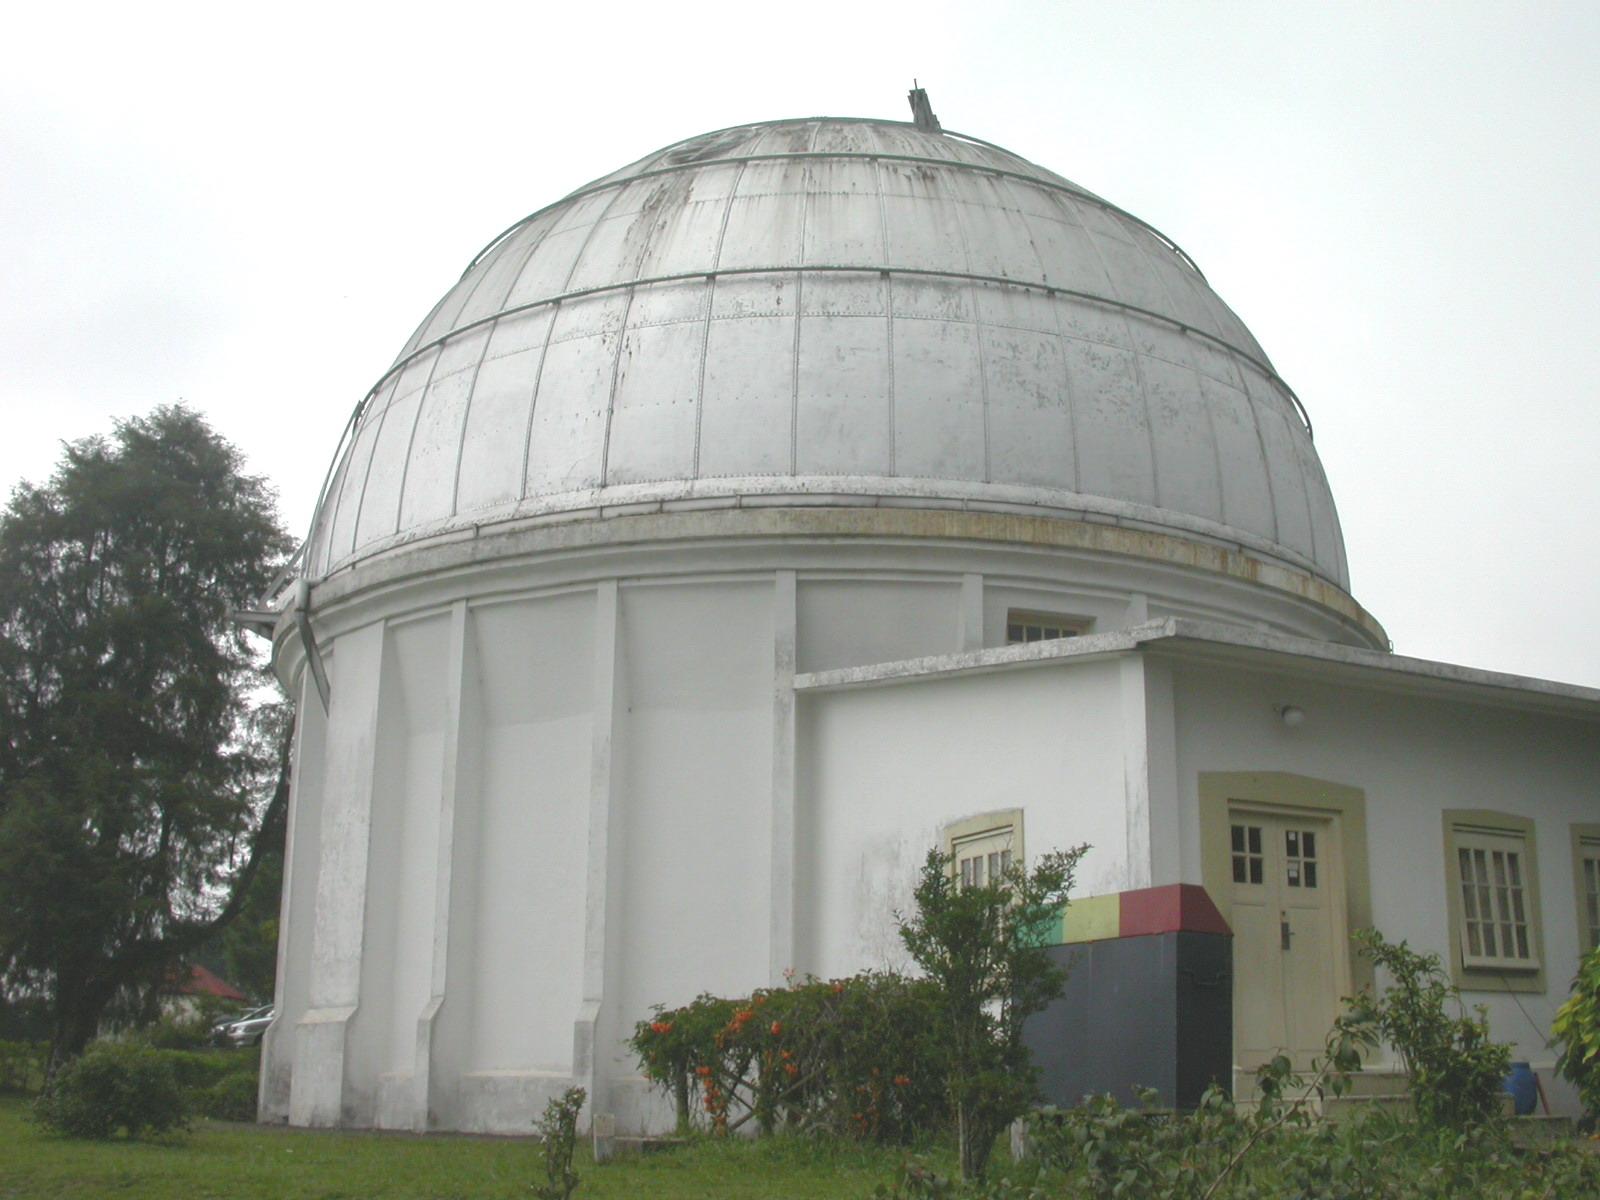 Mpu Jawa Barat Wisata Astronomi Bosscha Observatory Kab Bandung